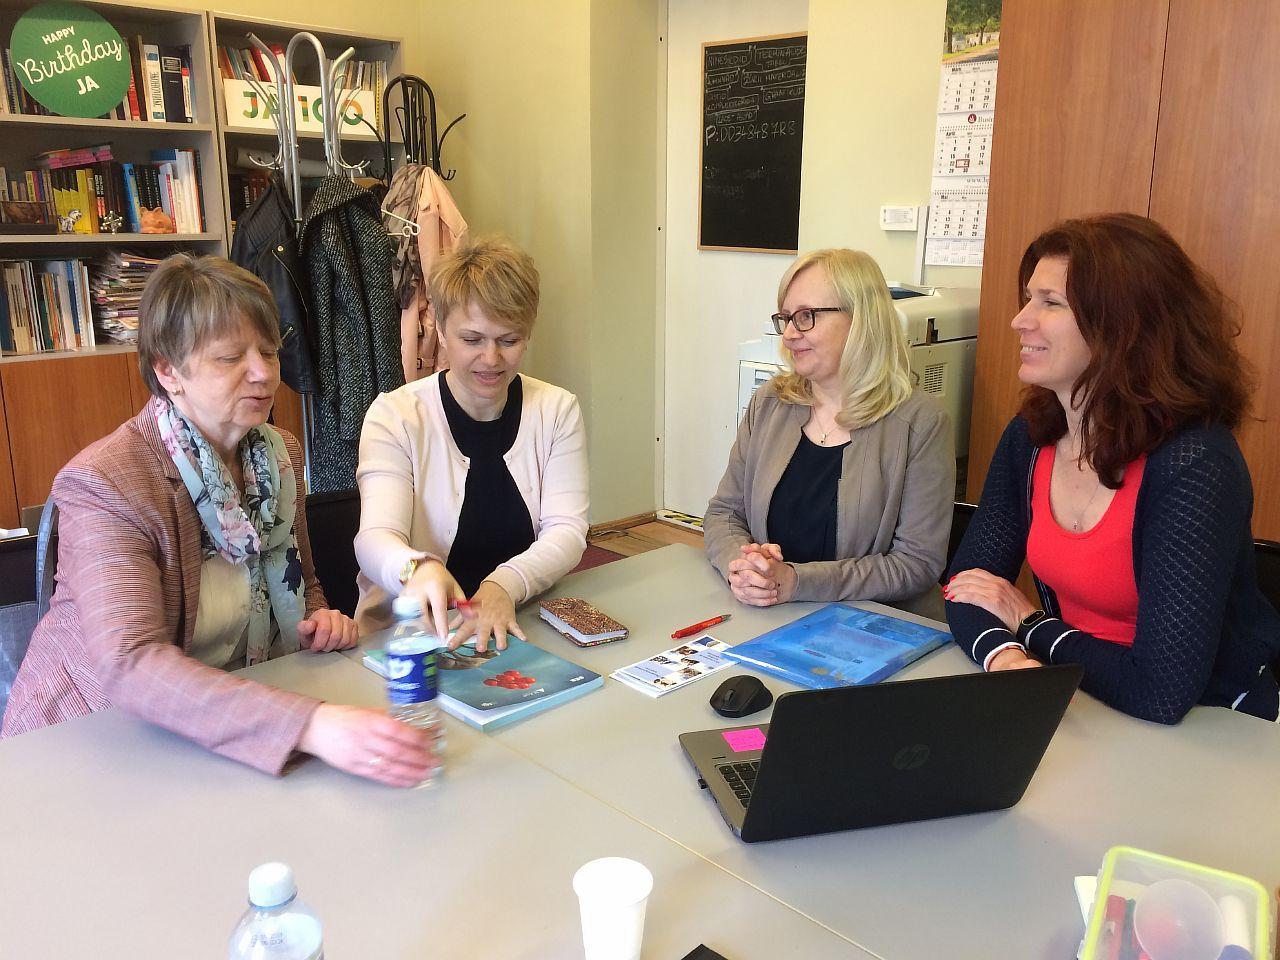 Начальник ЦРПО Позняк Александра Валентиновна с 22 по 26 апреля 2019 года прошла стажировку в Эстонии по программе академической мобильности Эразмус+